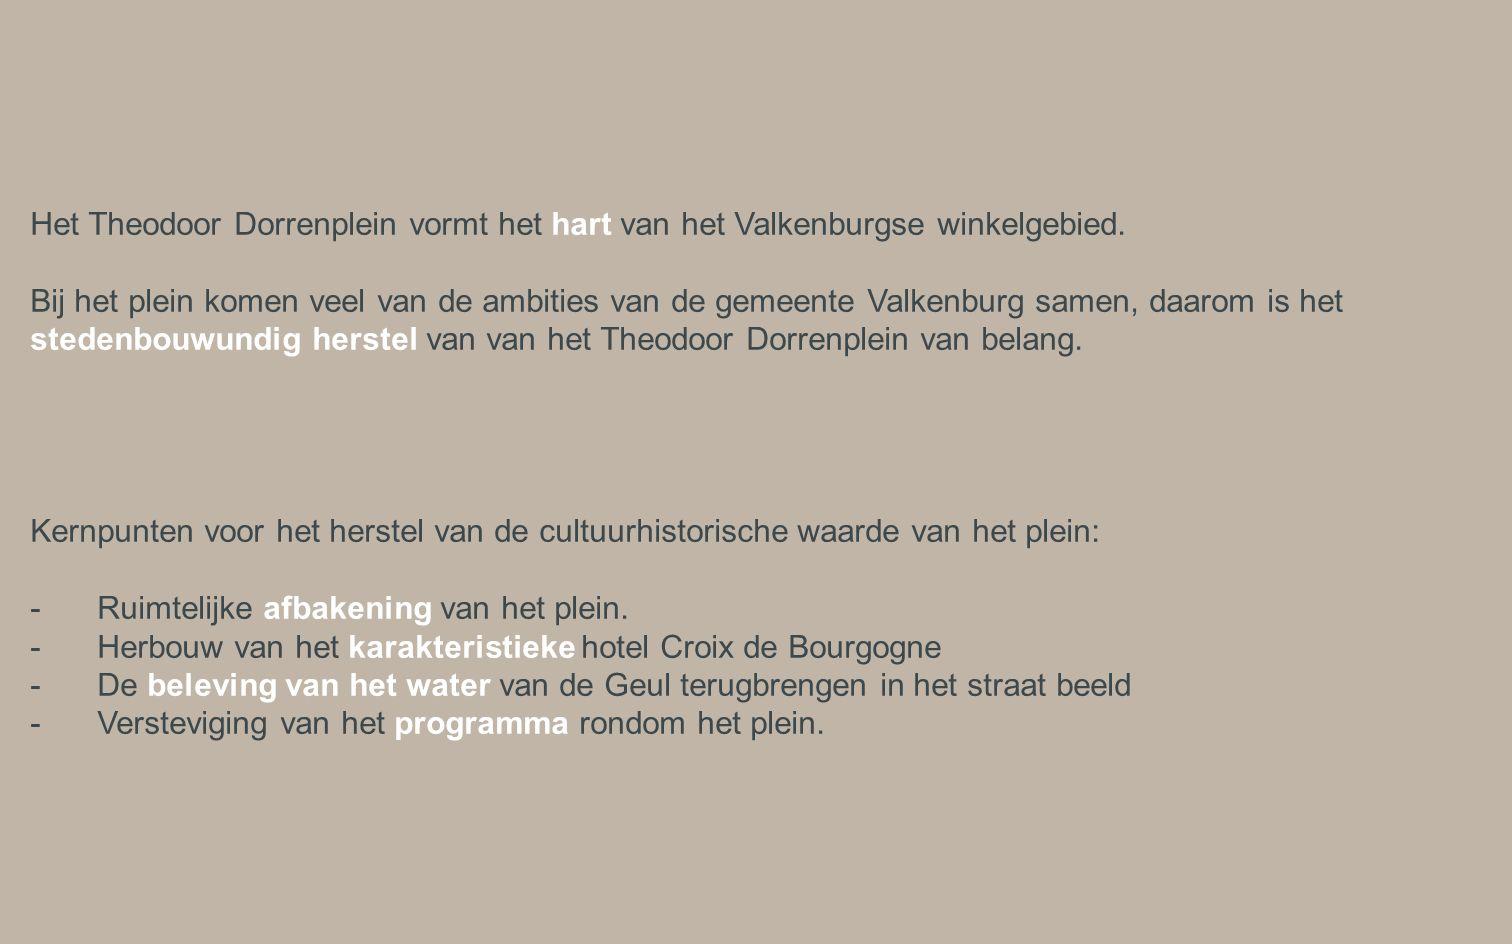 Het Theodoor Dorrenplein vormt het hart van het Valkenburgse winkelgebied.